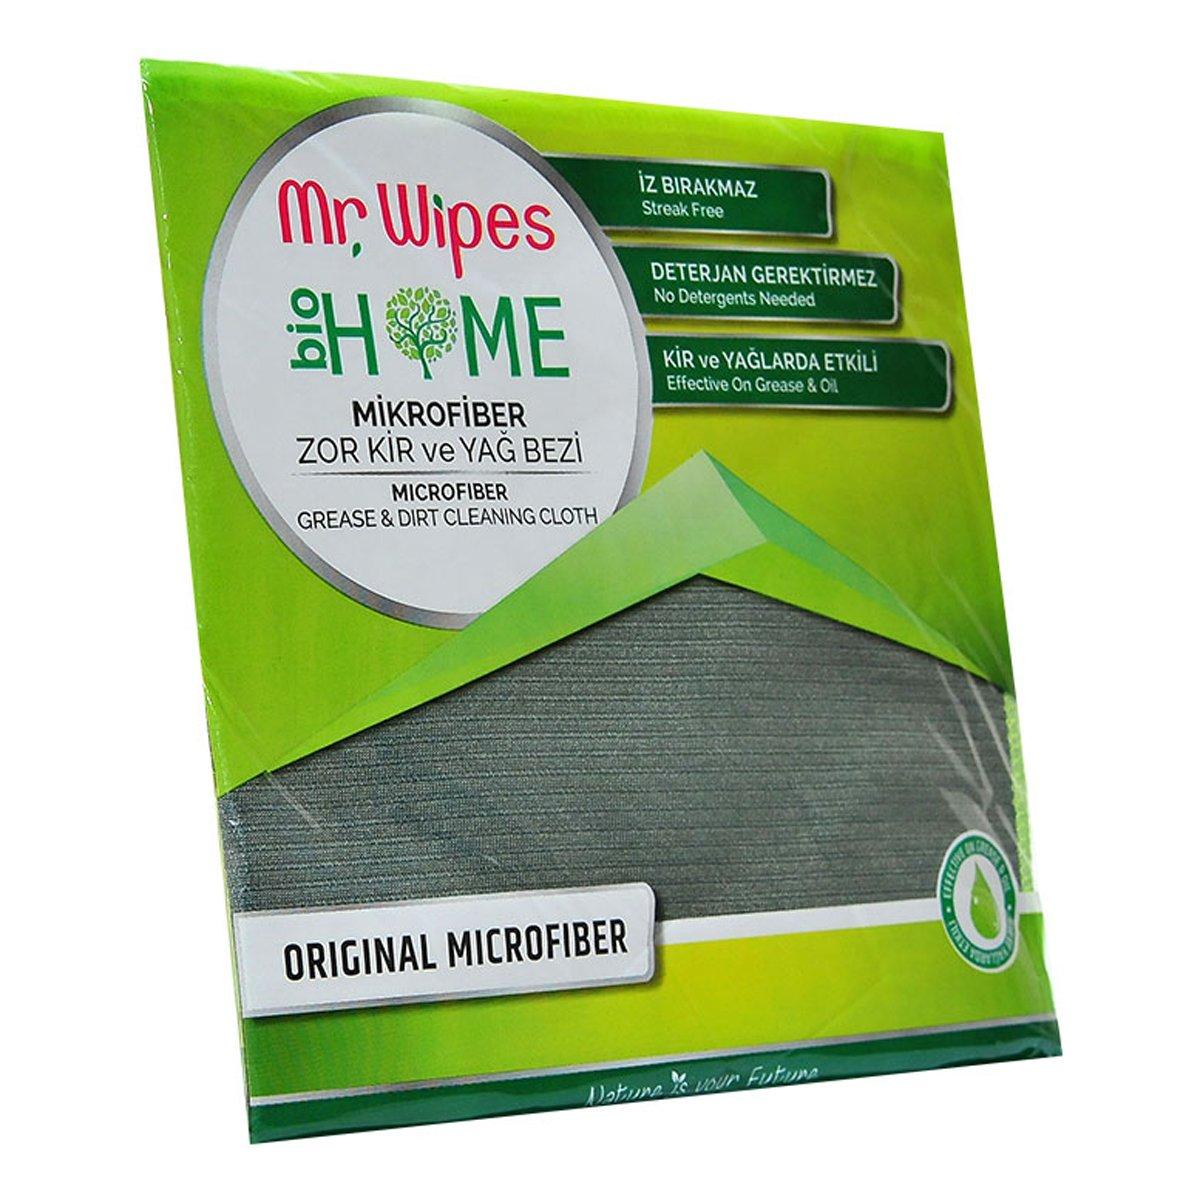 Farmasi Mr. Wipes Antibakteriyel Microfiber Zor Kir ve Yağ Bezi 1 Ad ürünü LokmanAVM mağazamızdan güvenle satın alın!